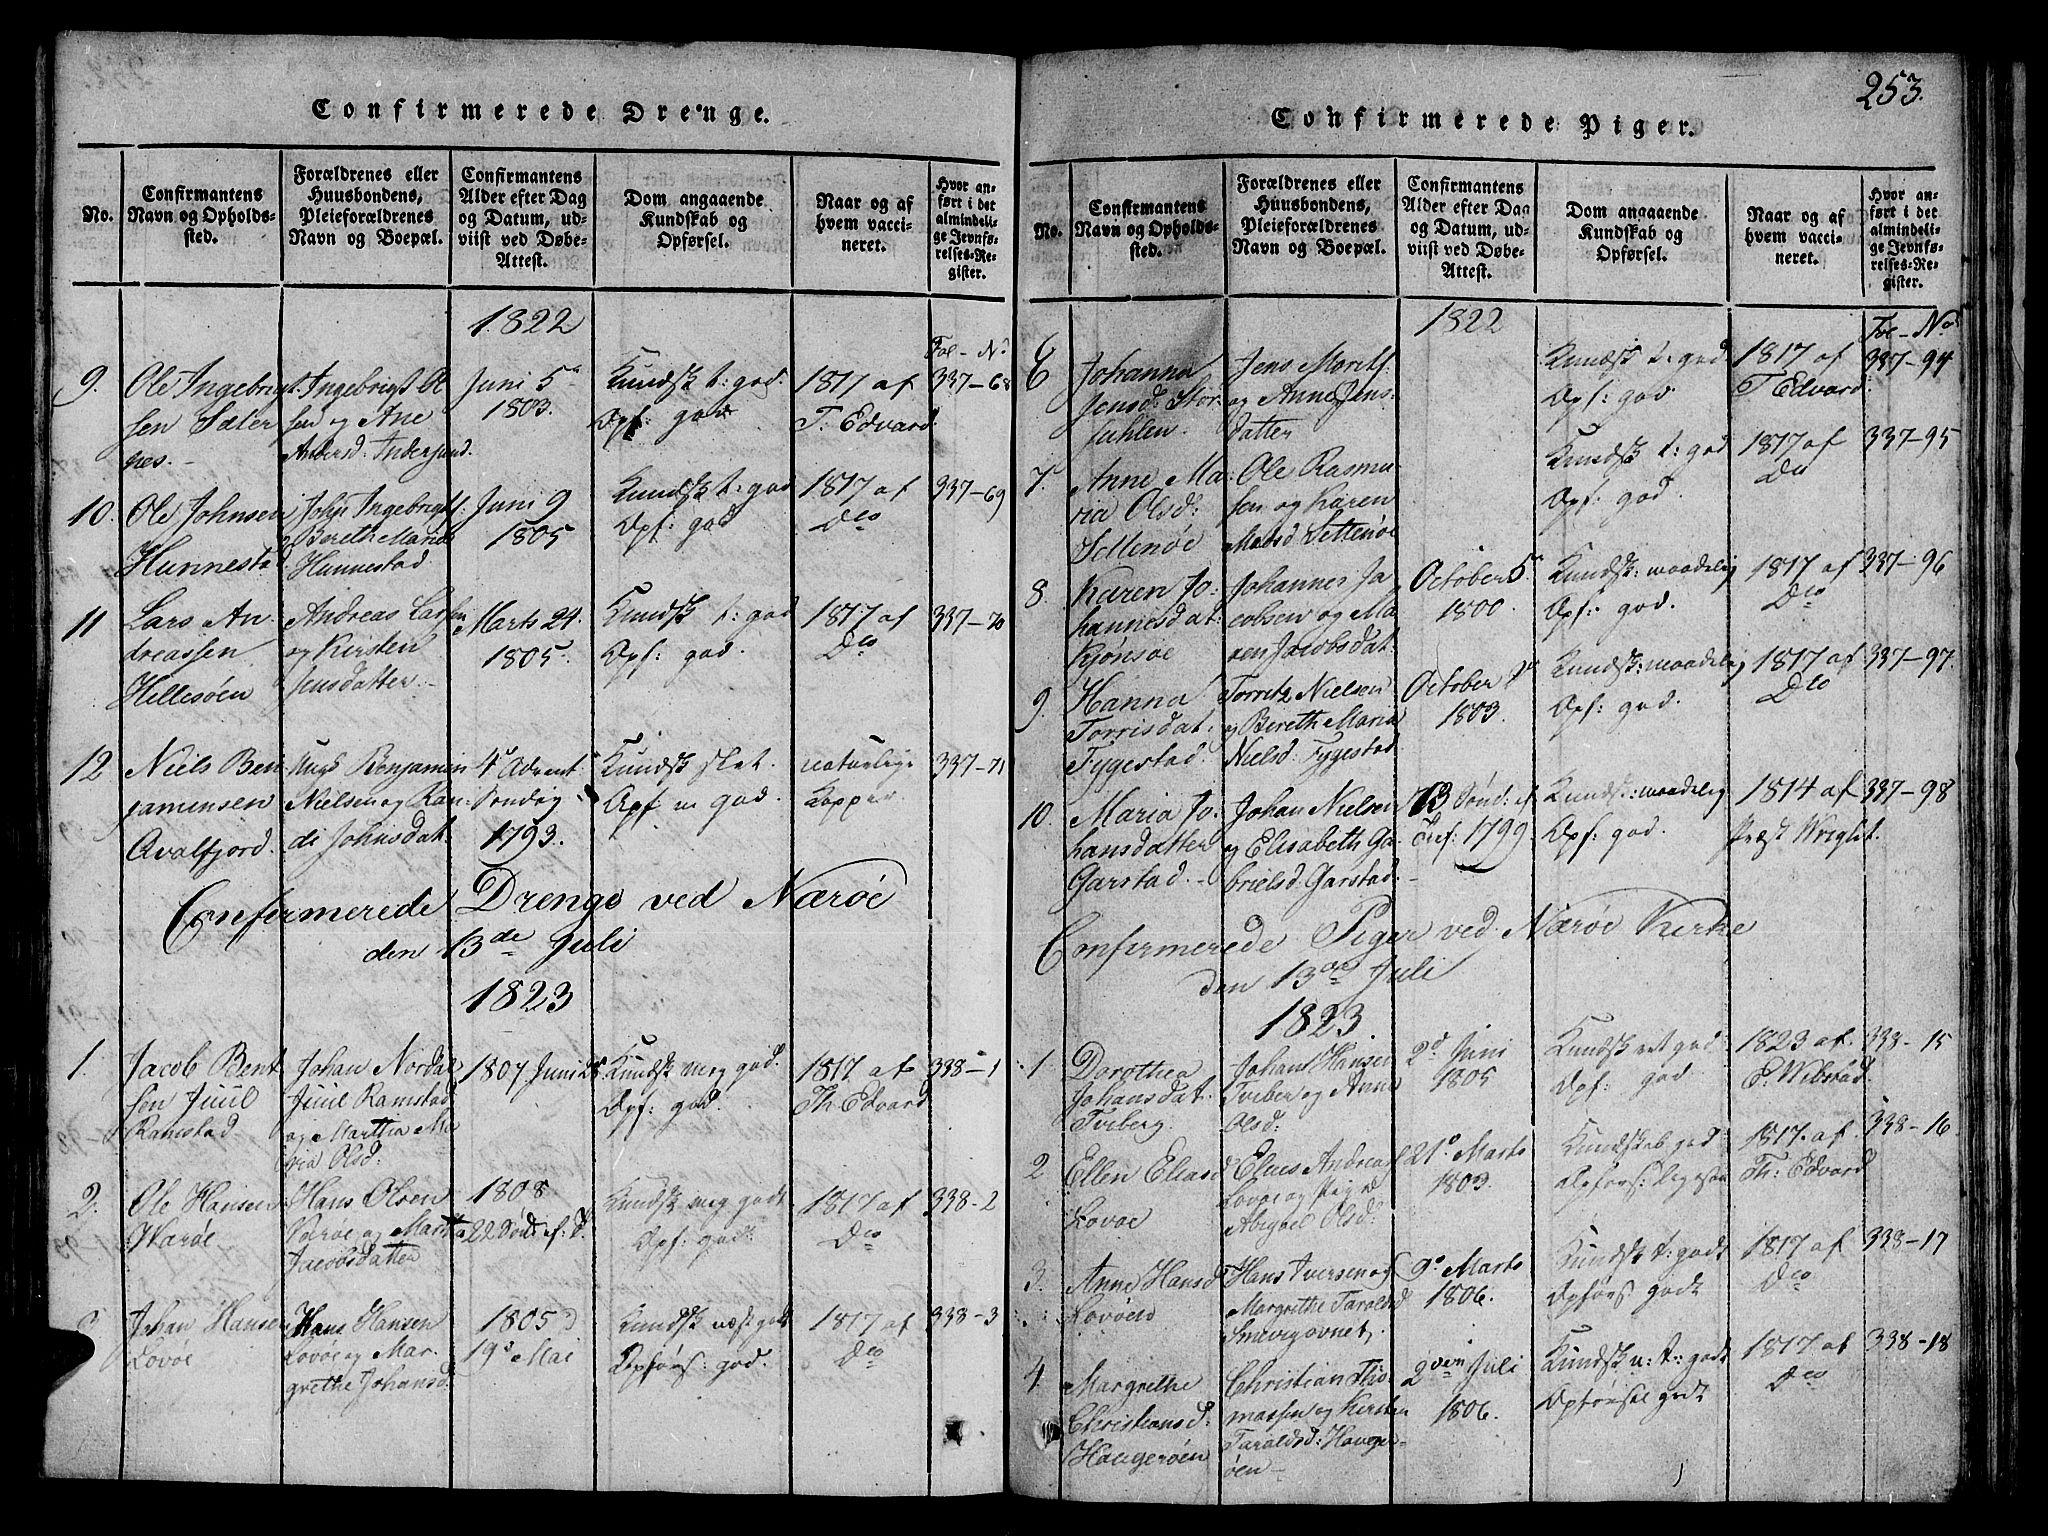 SAT, Ministerialprotokoller, klokkerbøker og fødselsregistre - Nord-Trøndelag, 784/L0667: Ministerialbok nr. 784A03 /1, 1816-1829, s. 253